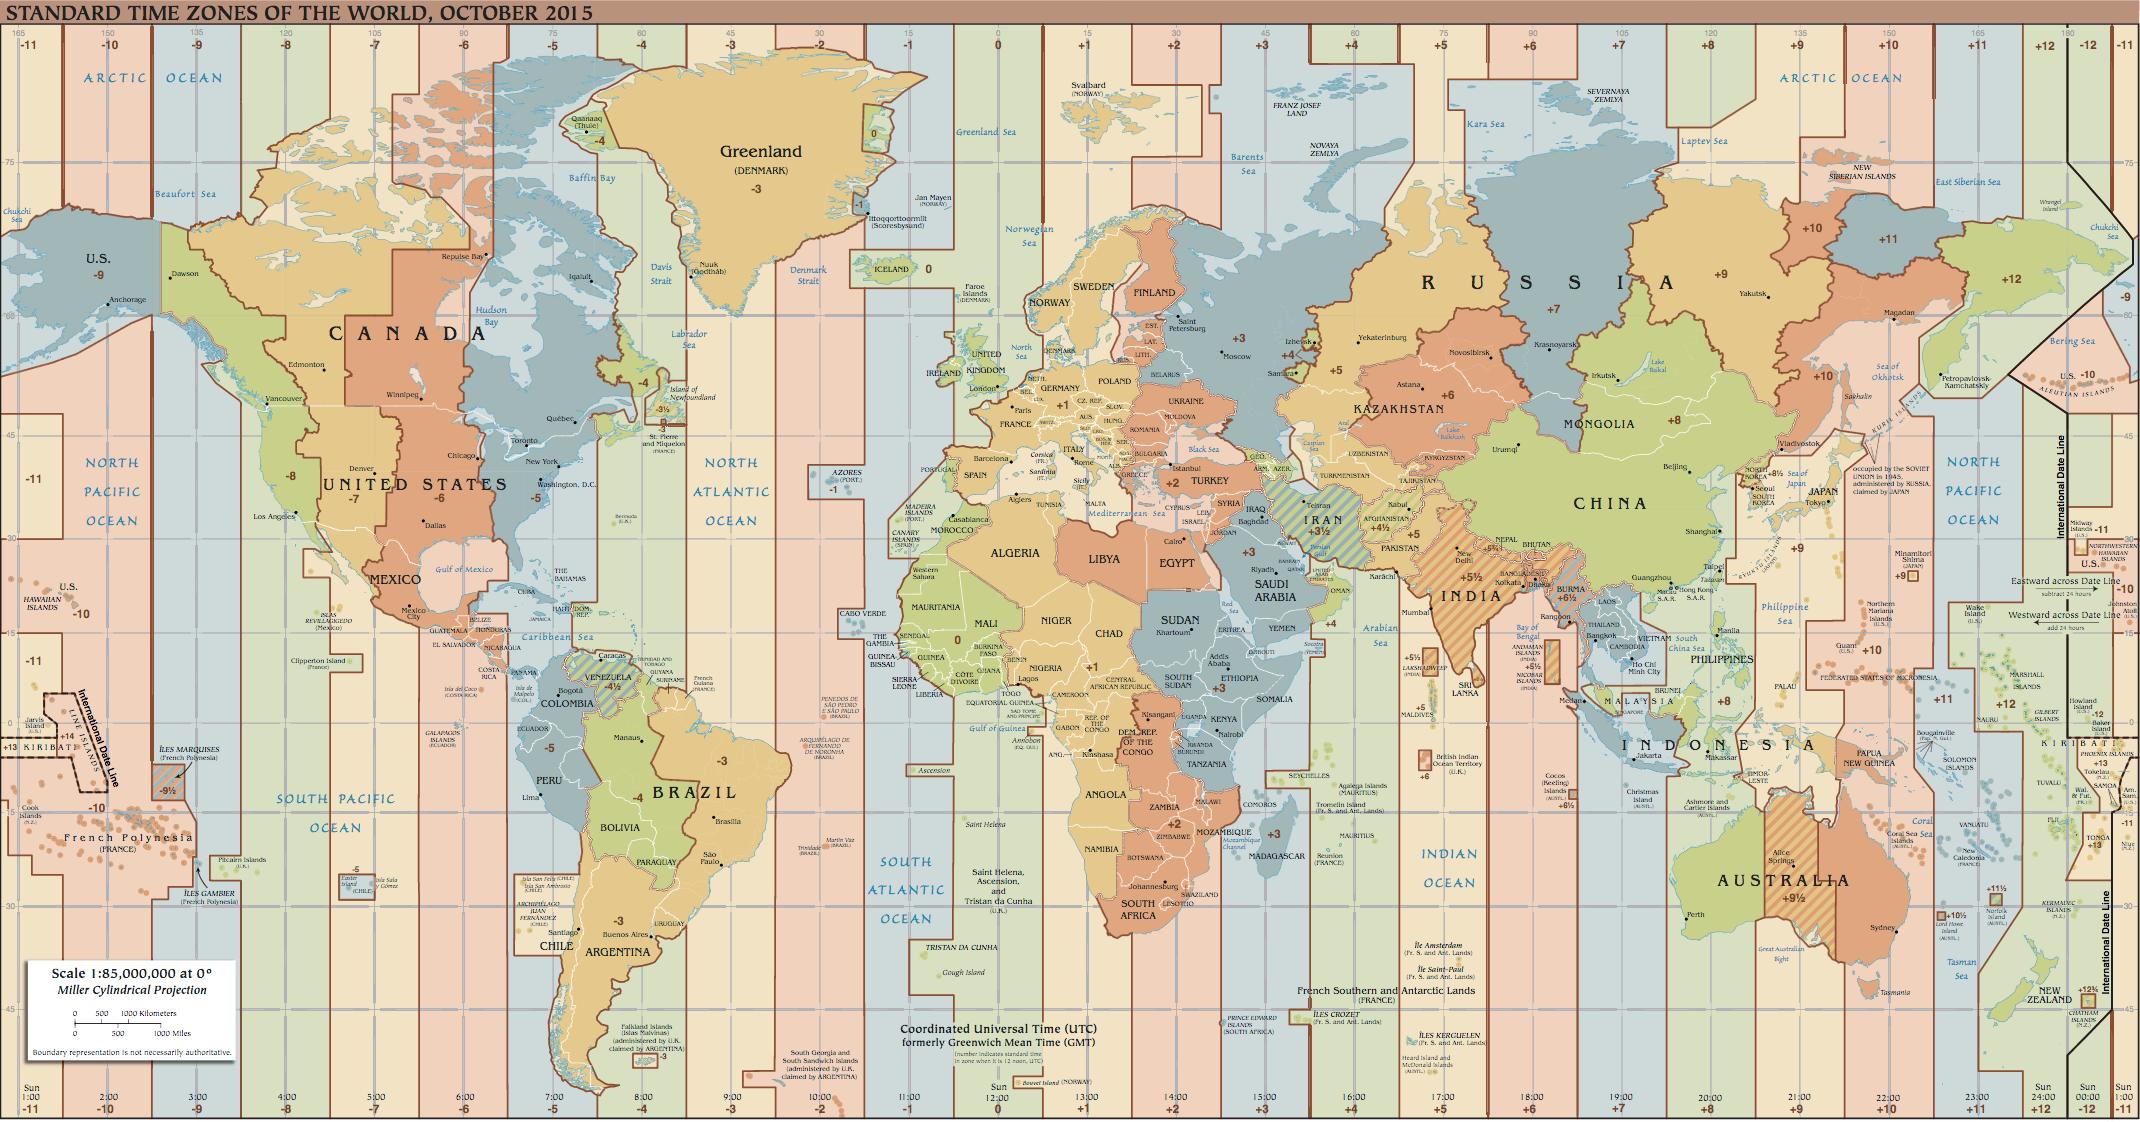 L'heure dans le monde par rapport au « temps universel coordonné » (ou UTC) L'heure dans le monde par rapport au « temps universel coordonné » (ou UTC) (Source : CIA World Factbook)